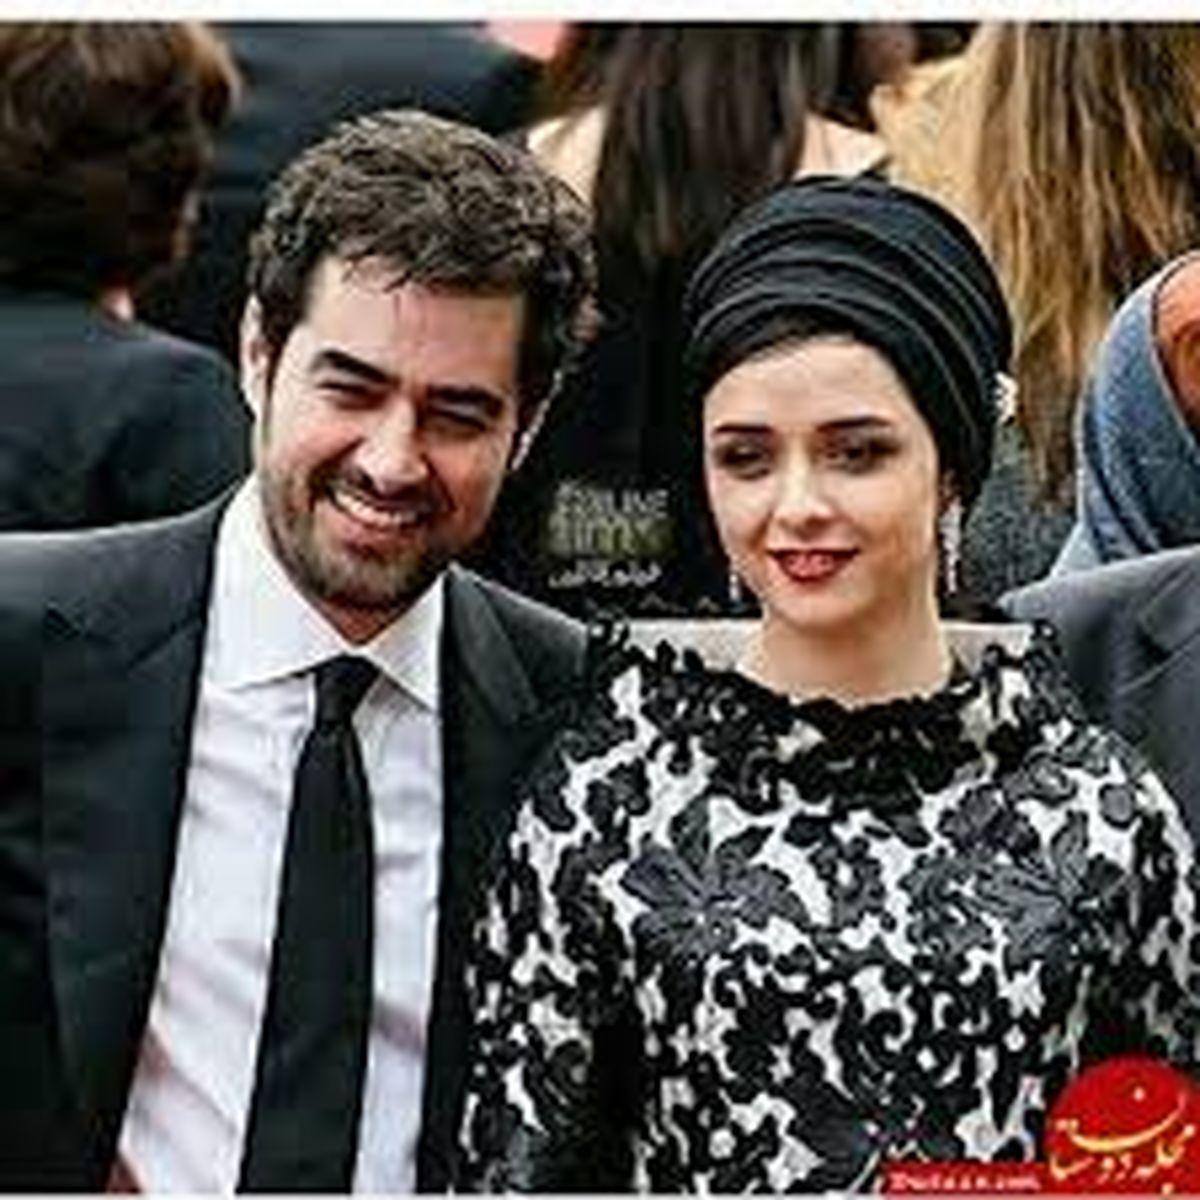 پست معنادار محسن چاووشی برای شهاب حسینی + عکس